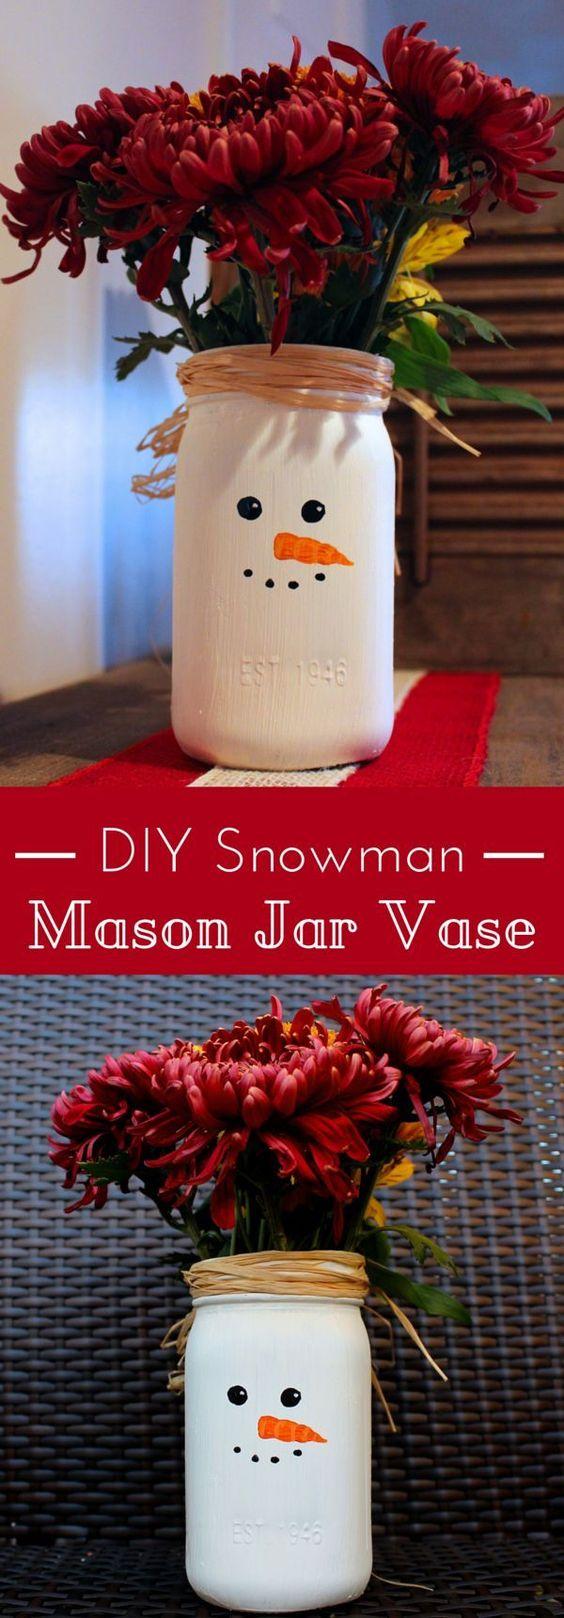 大家好!这是本月的第三个星期一,这意味着它是梅森罐子星期一。本月的主题是圣诞节,我为你制作了一个简单的雪人梅森罐瓶。